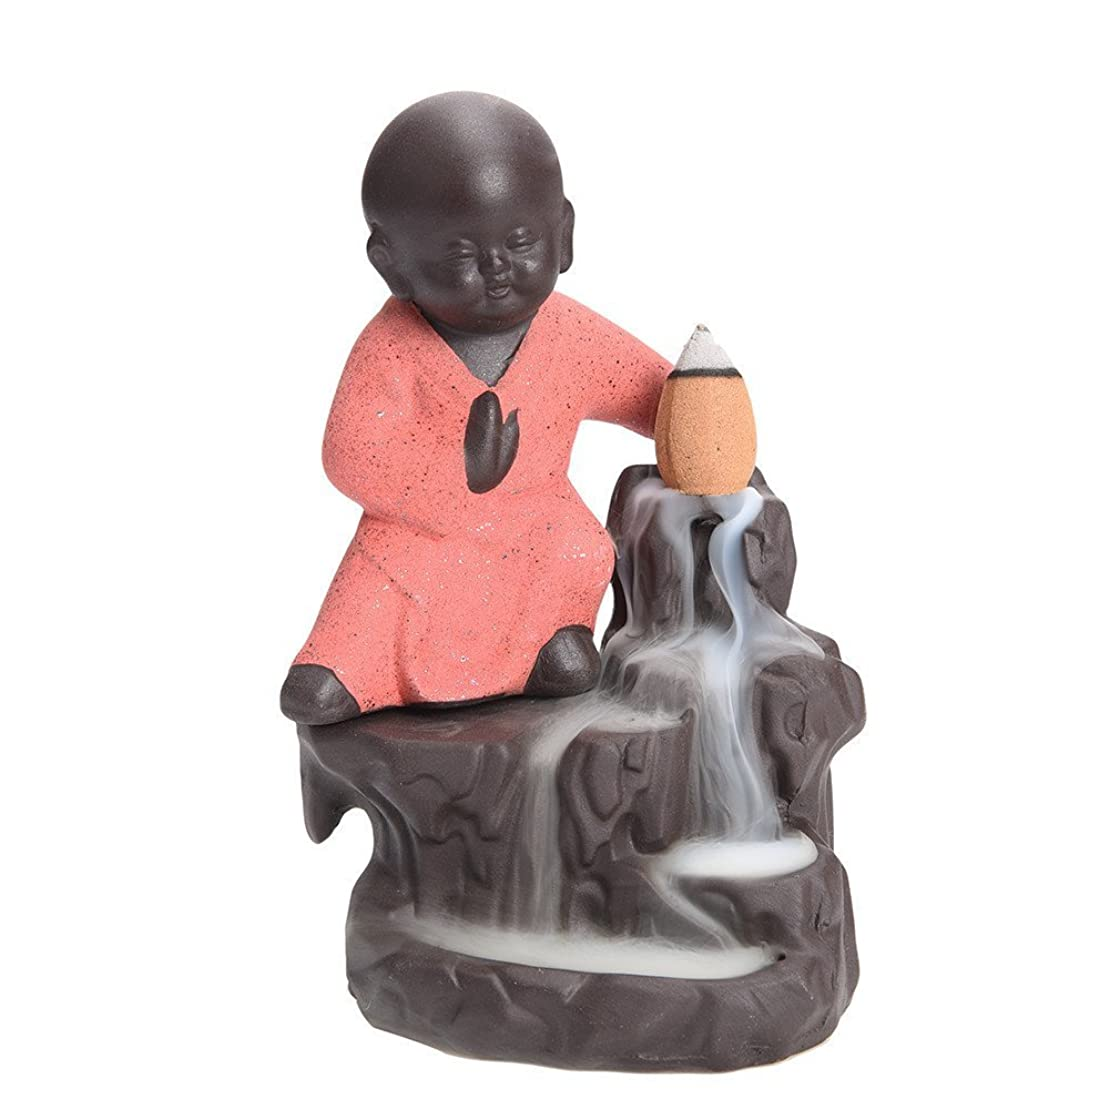 スーツ追放する傑作逆流香炉タワーCones Sticks Little Monkホルダーセラミック磁器Buddha Monk AshキャッチャーbySimon & # xff08?;ピンク& # xff09?;